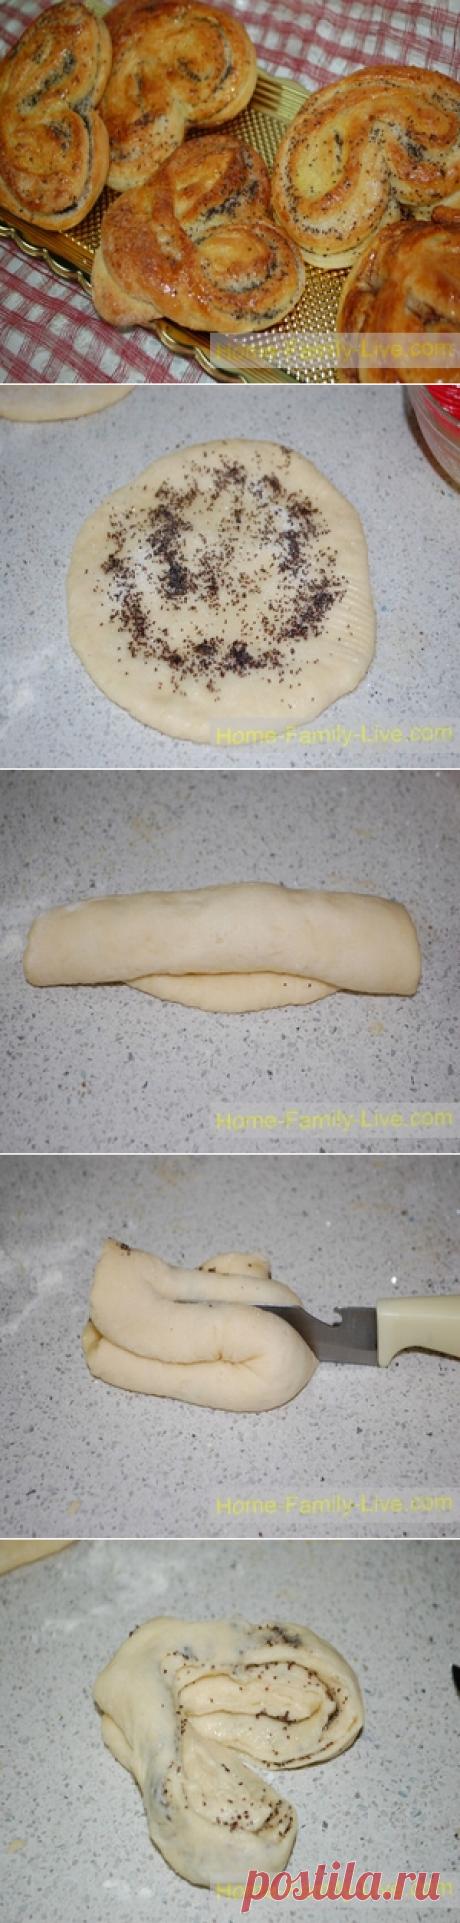 Плюшки с маком - пошаговый фото рецептКулинарные рецепты